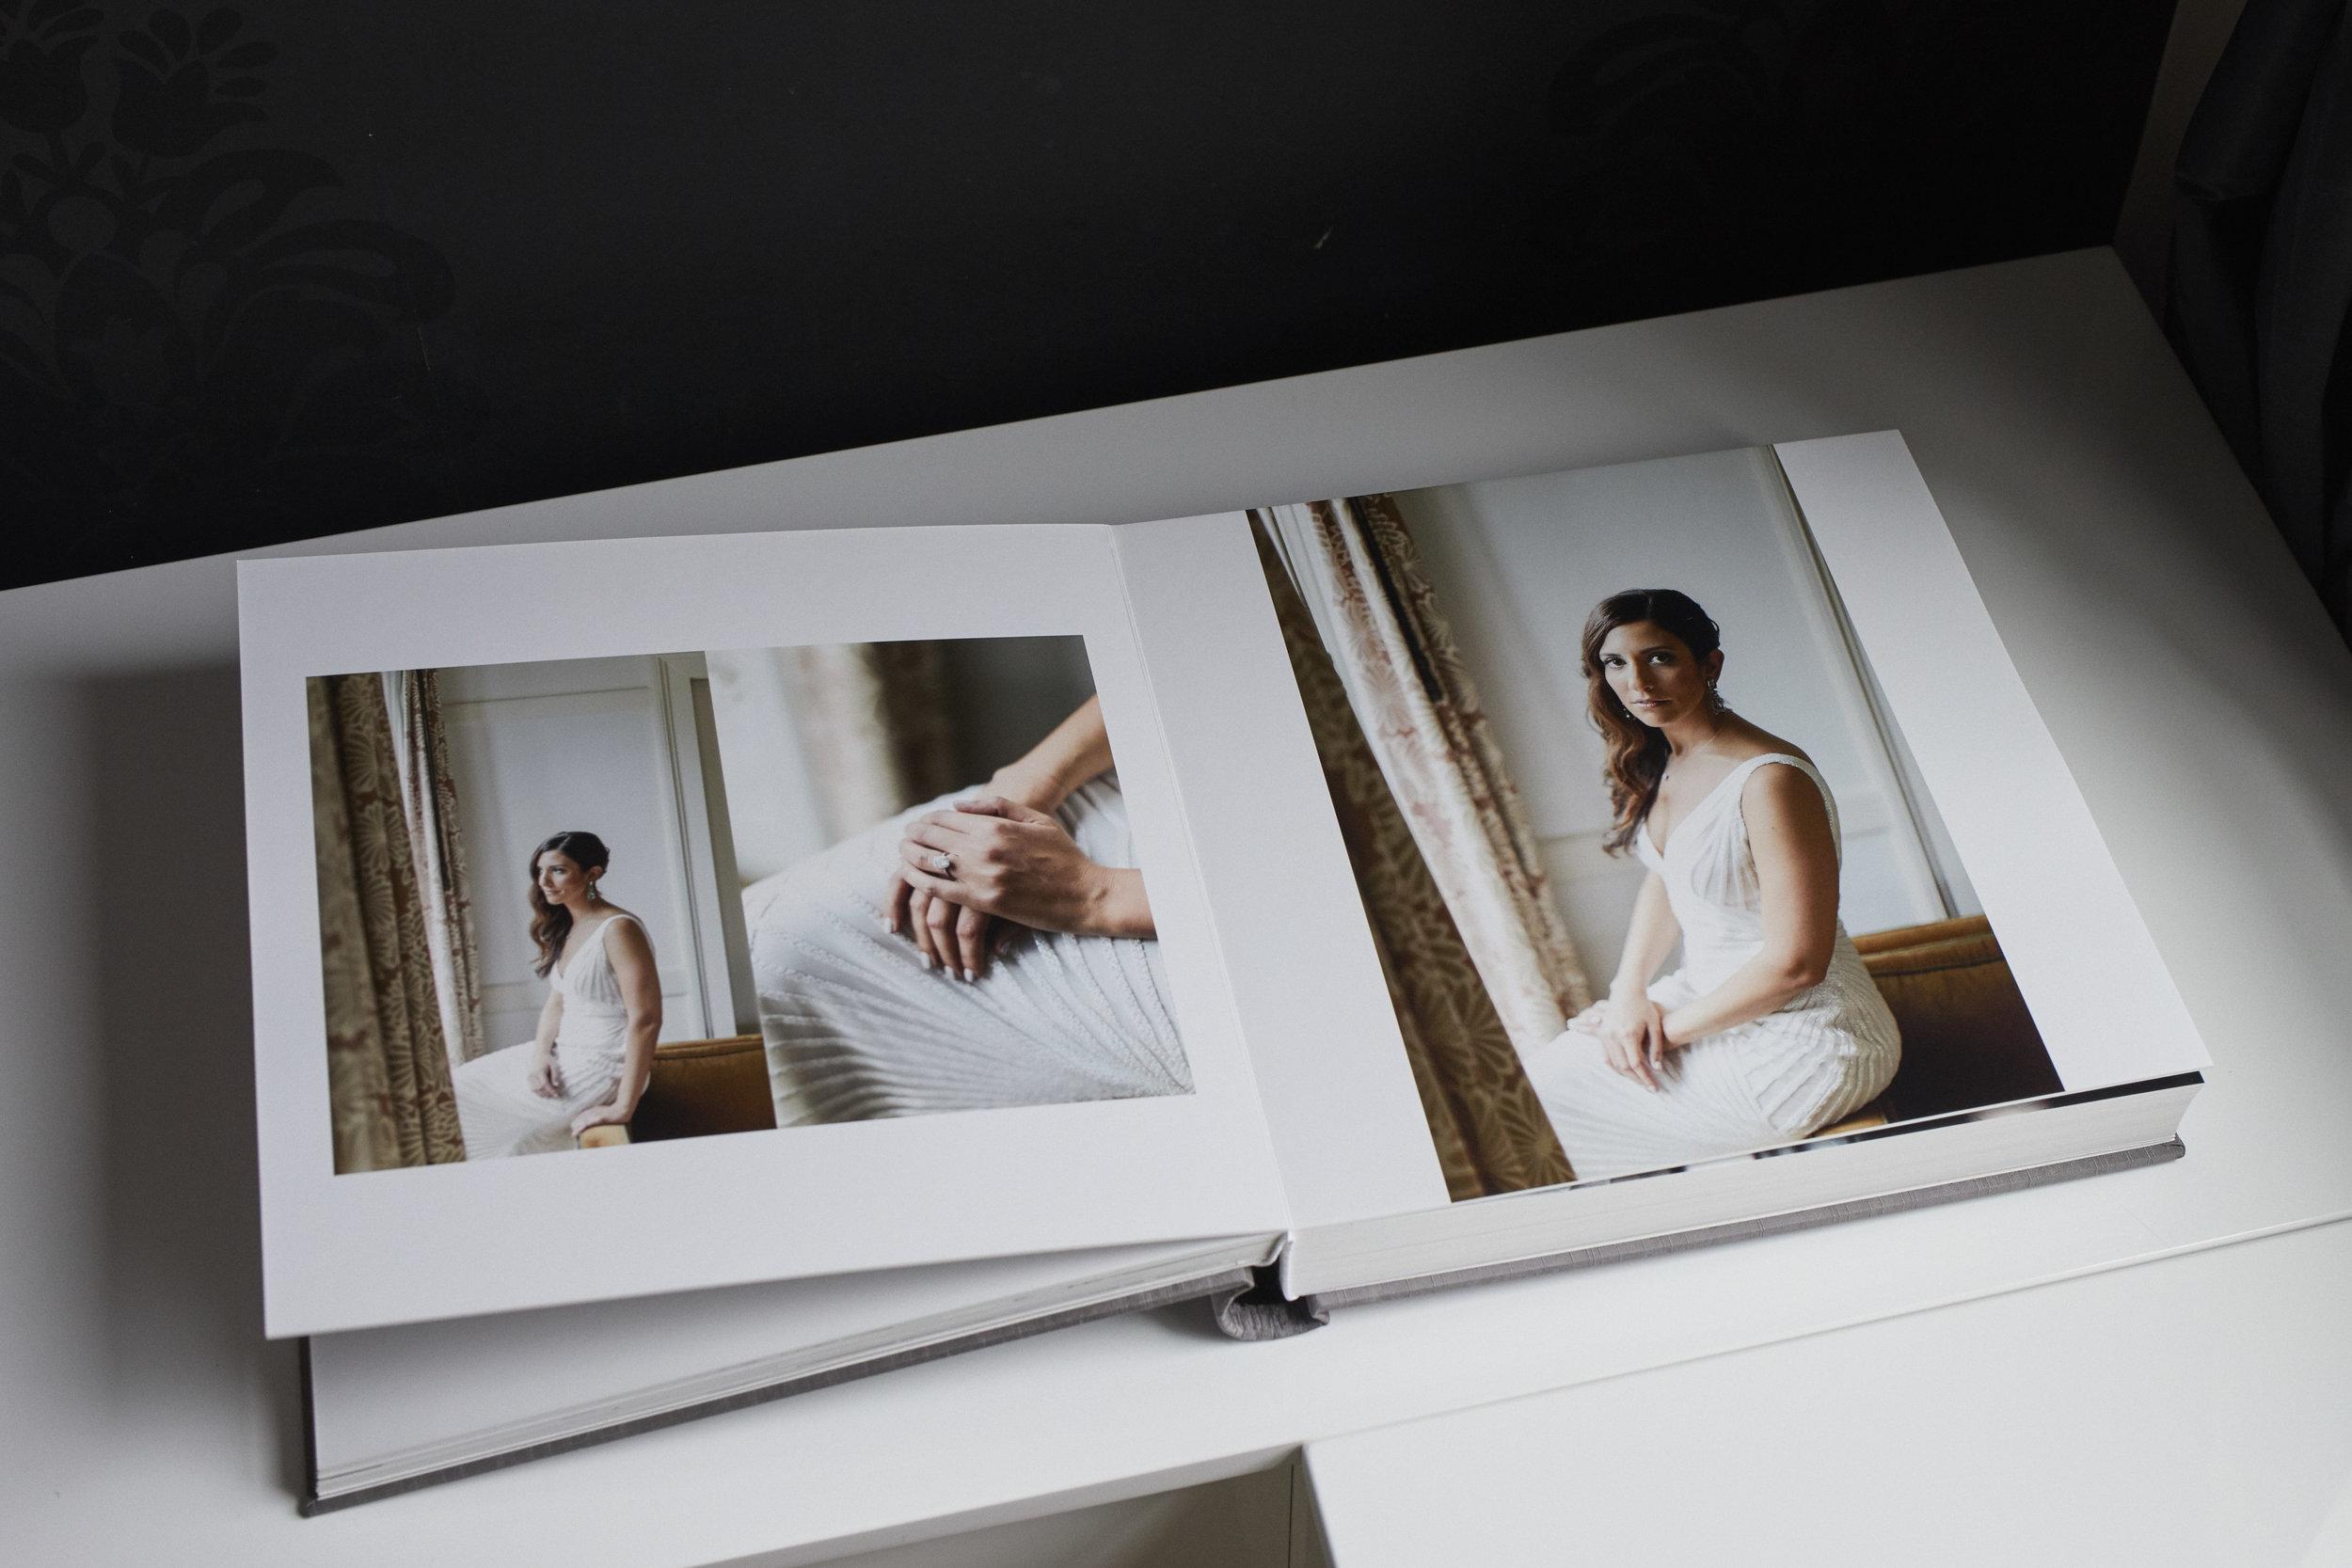 077_RWagner_Wedding_Queensberry_Album.jpg